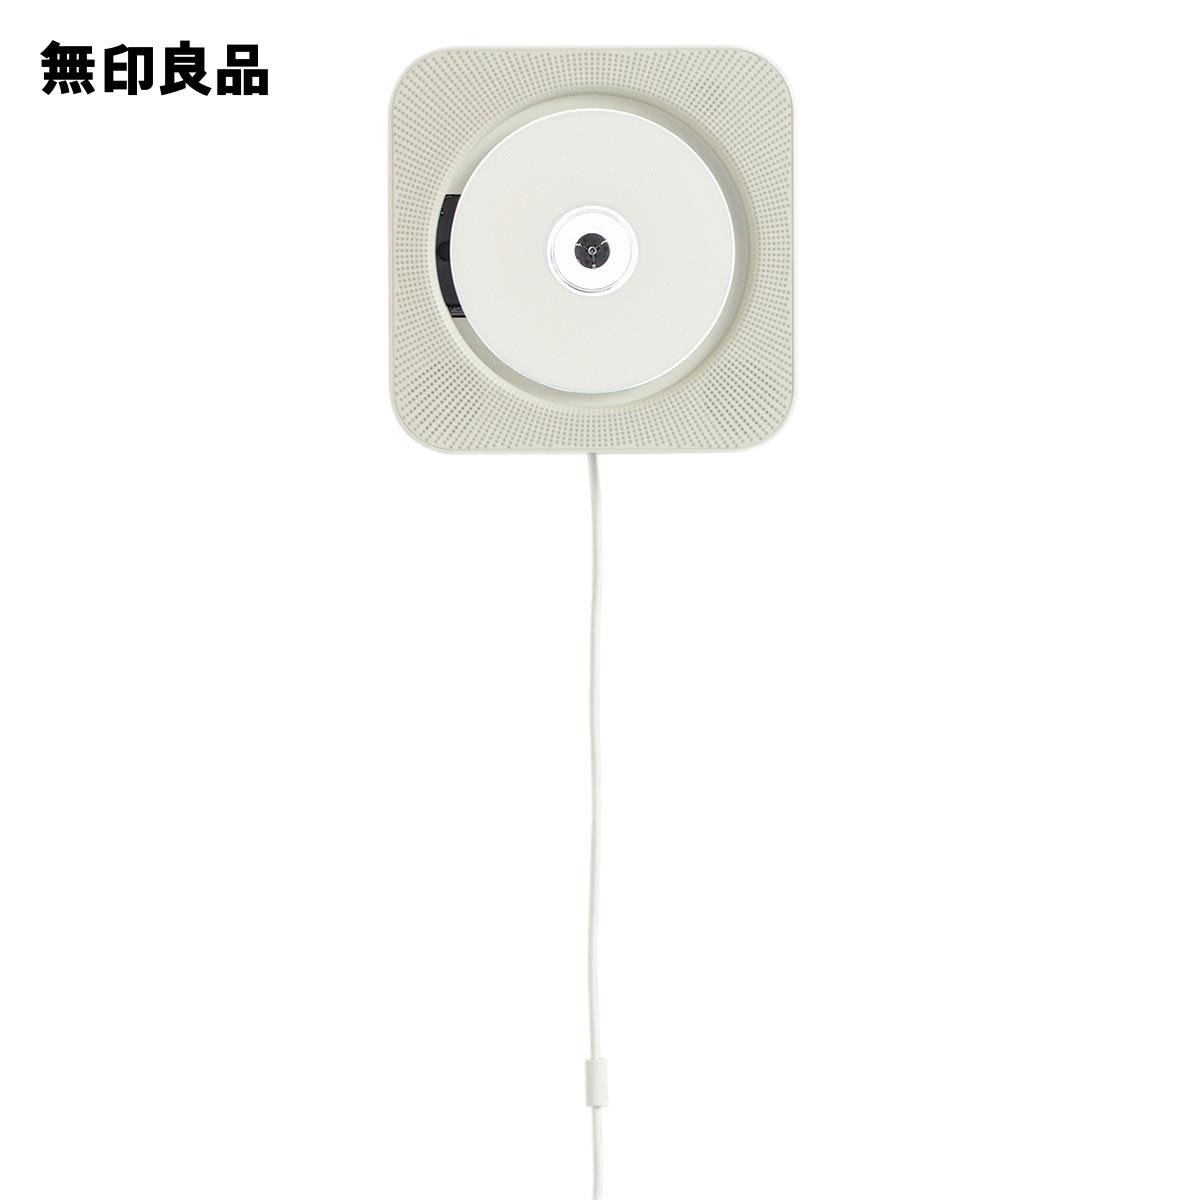 無印良品 専門店 公式 売却 壁掛式CDプレーヤー